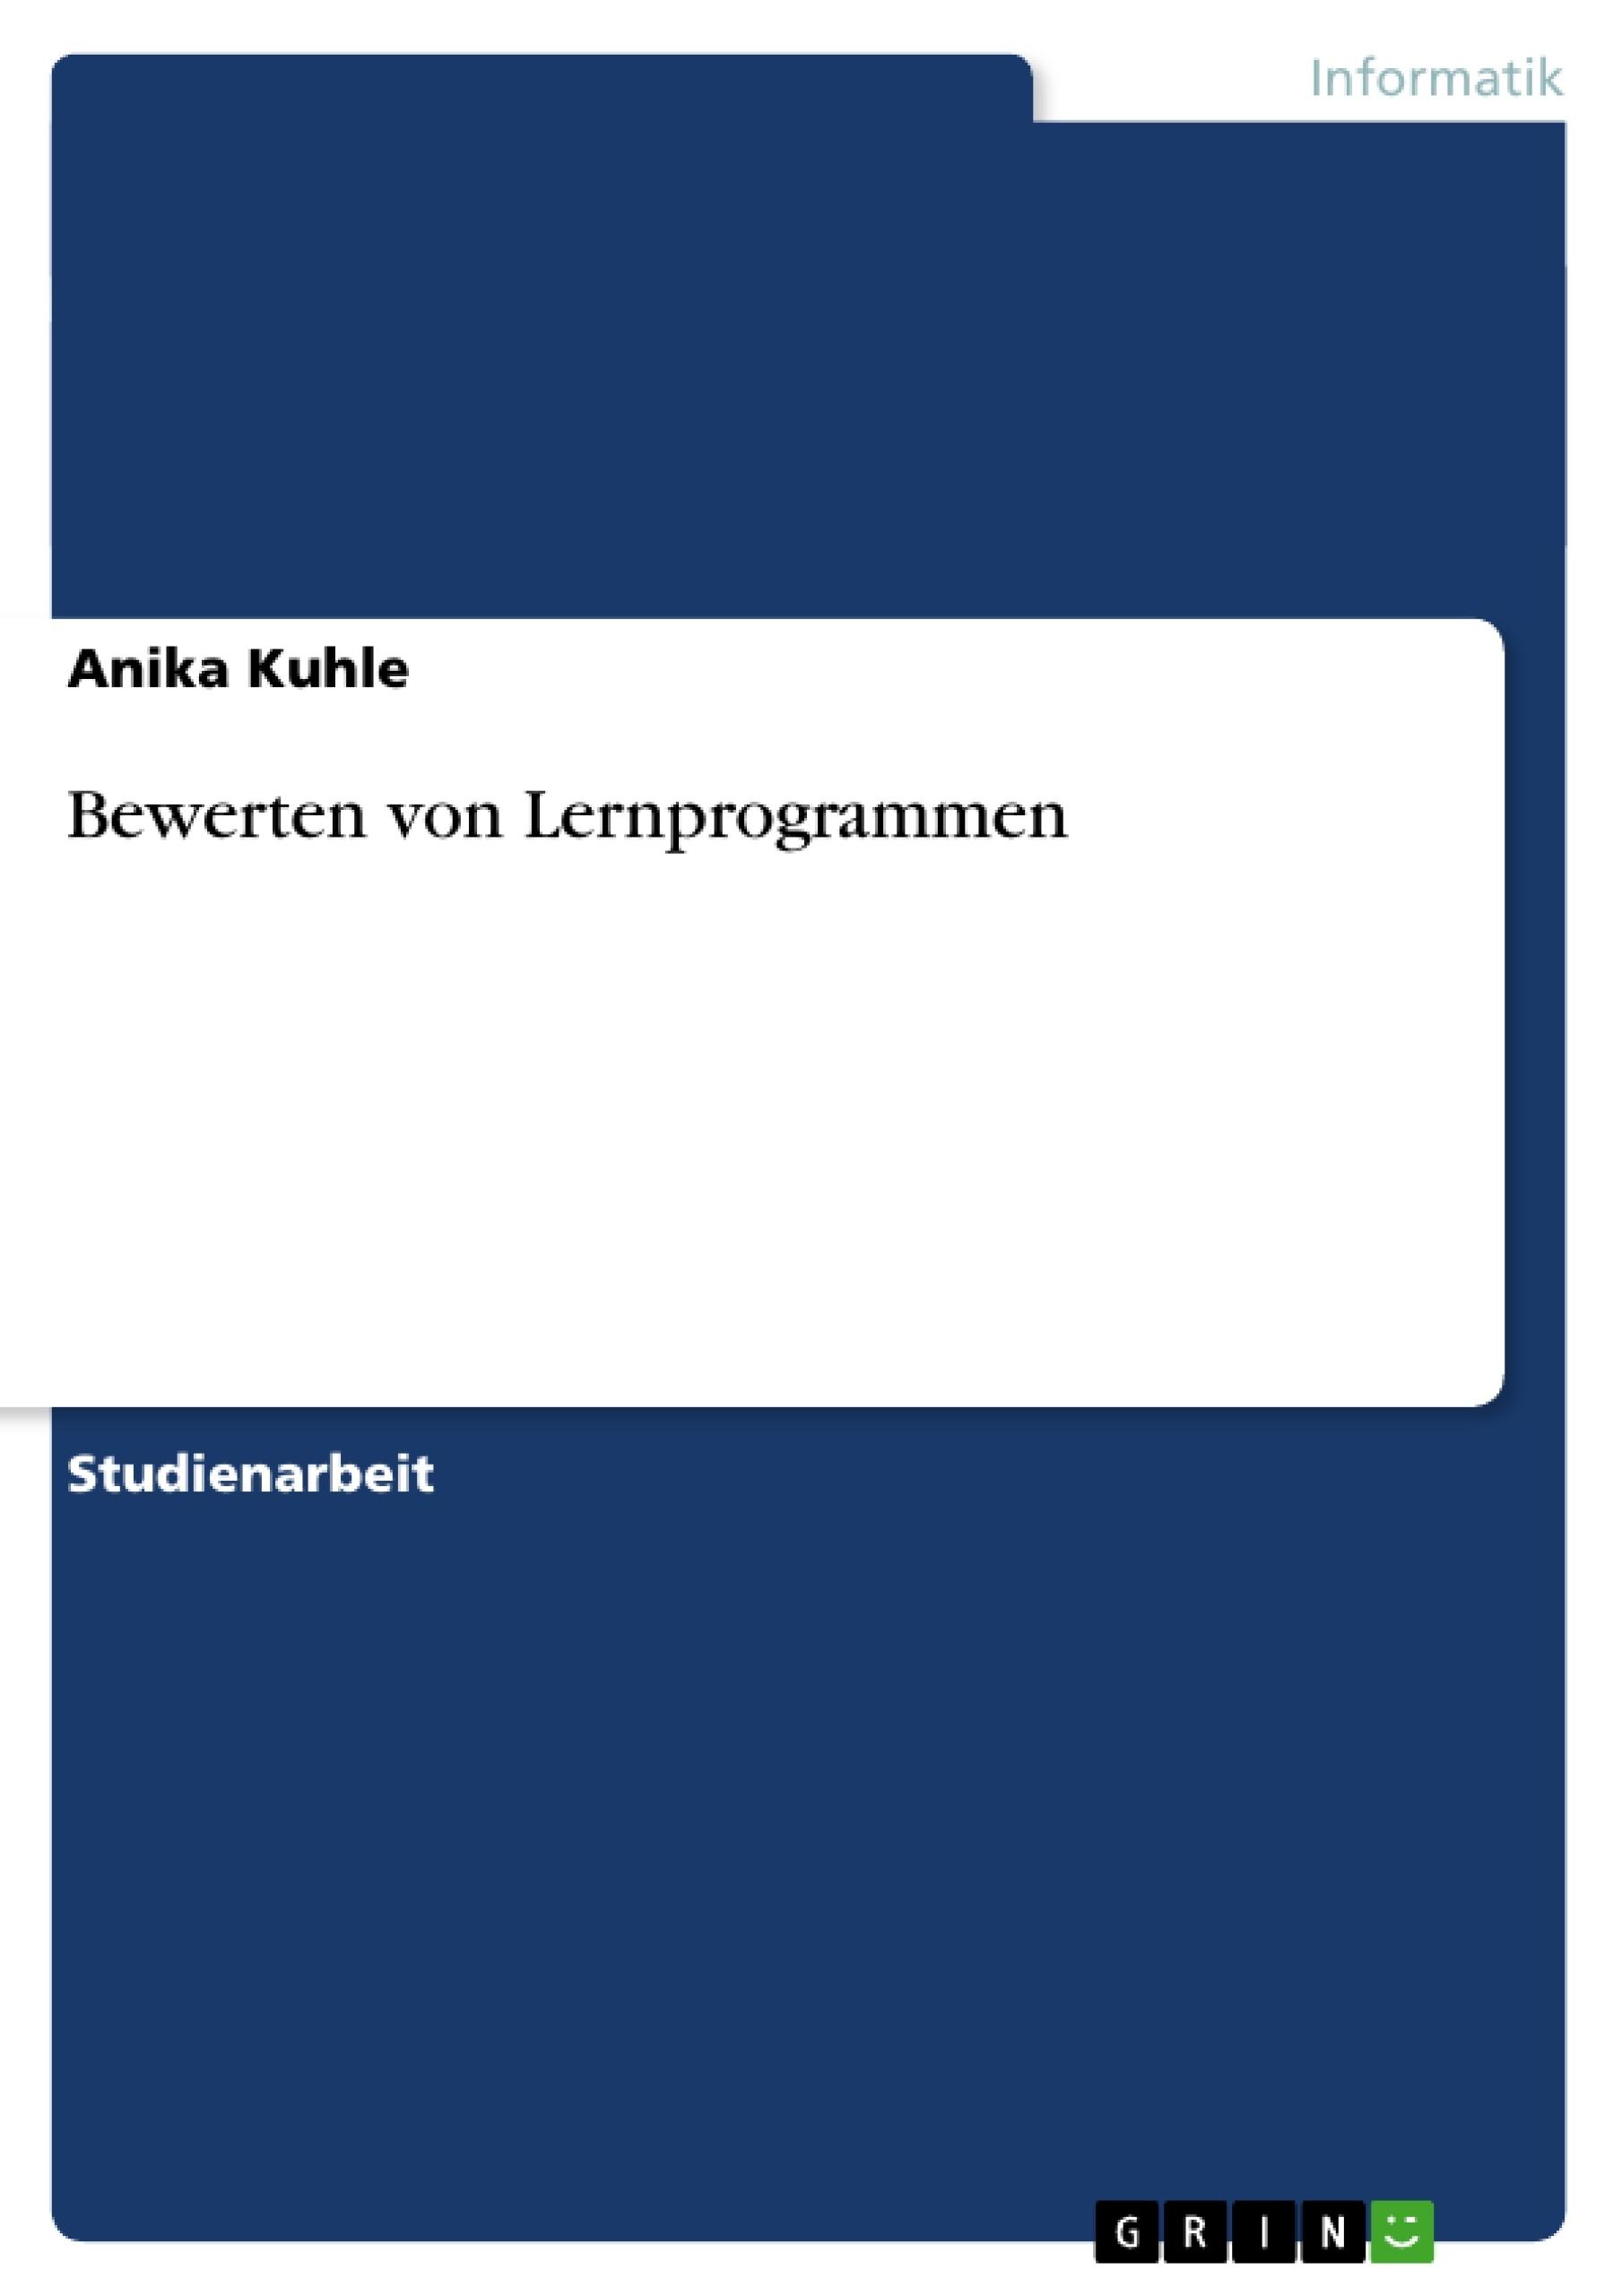 Titel: Bewerten von Lernprogrammen